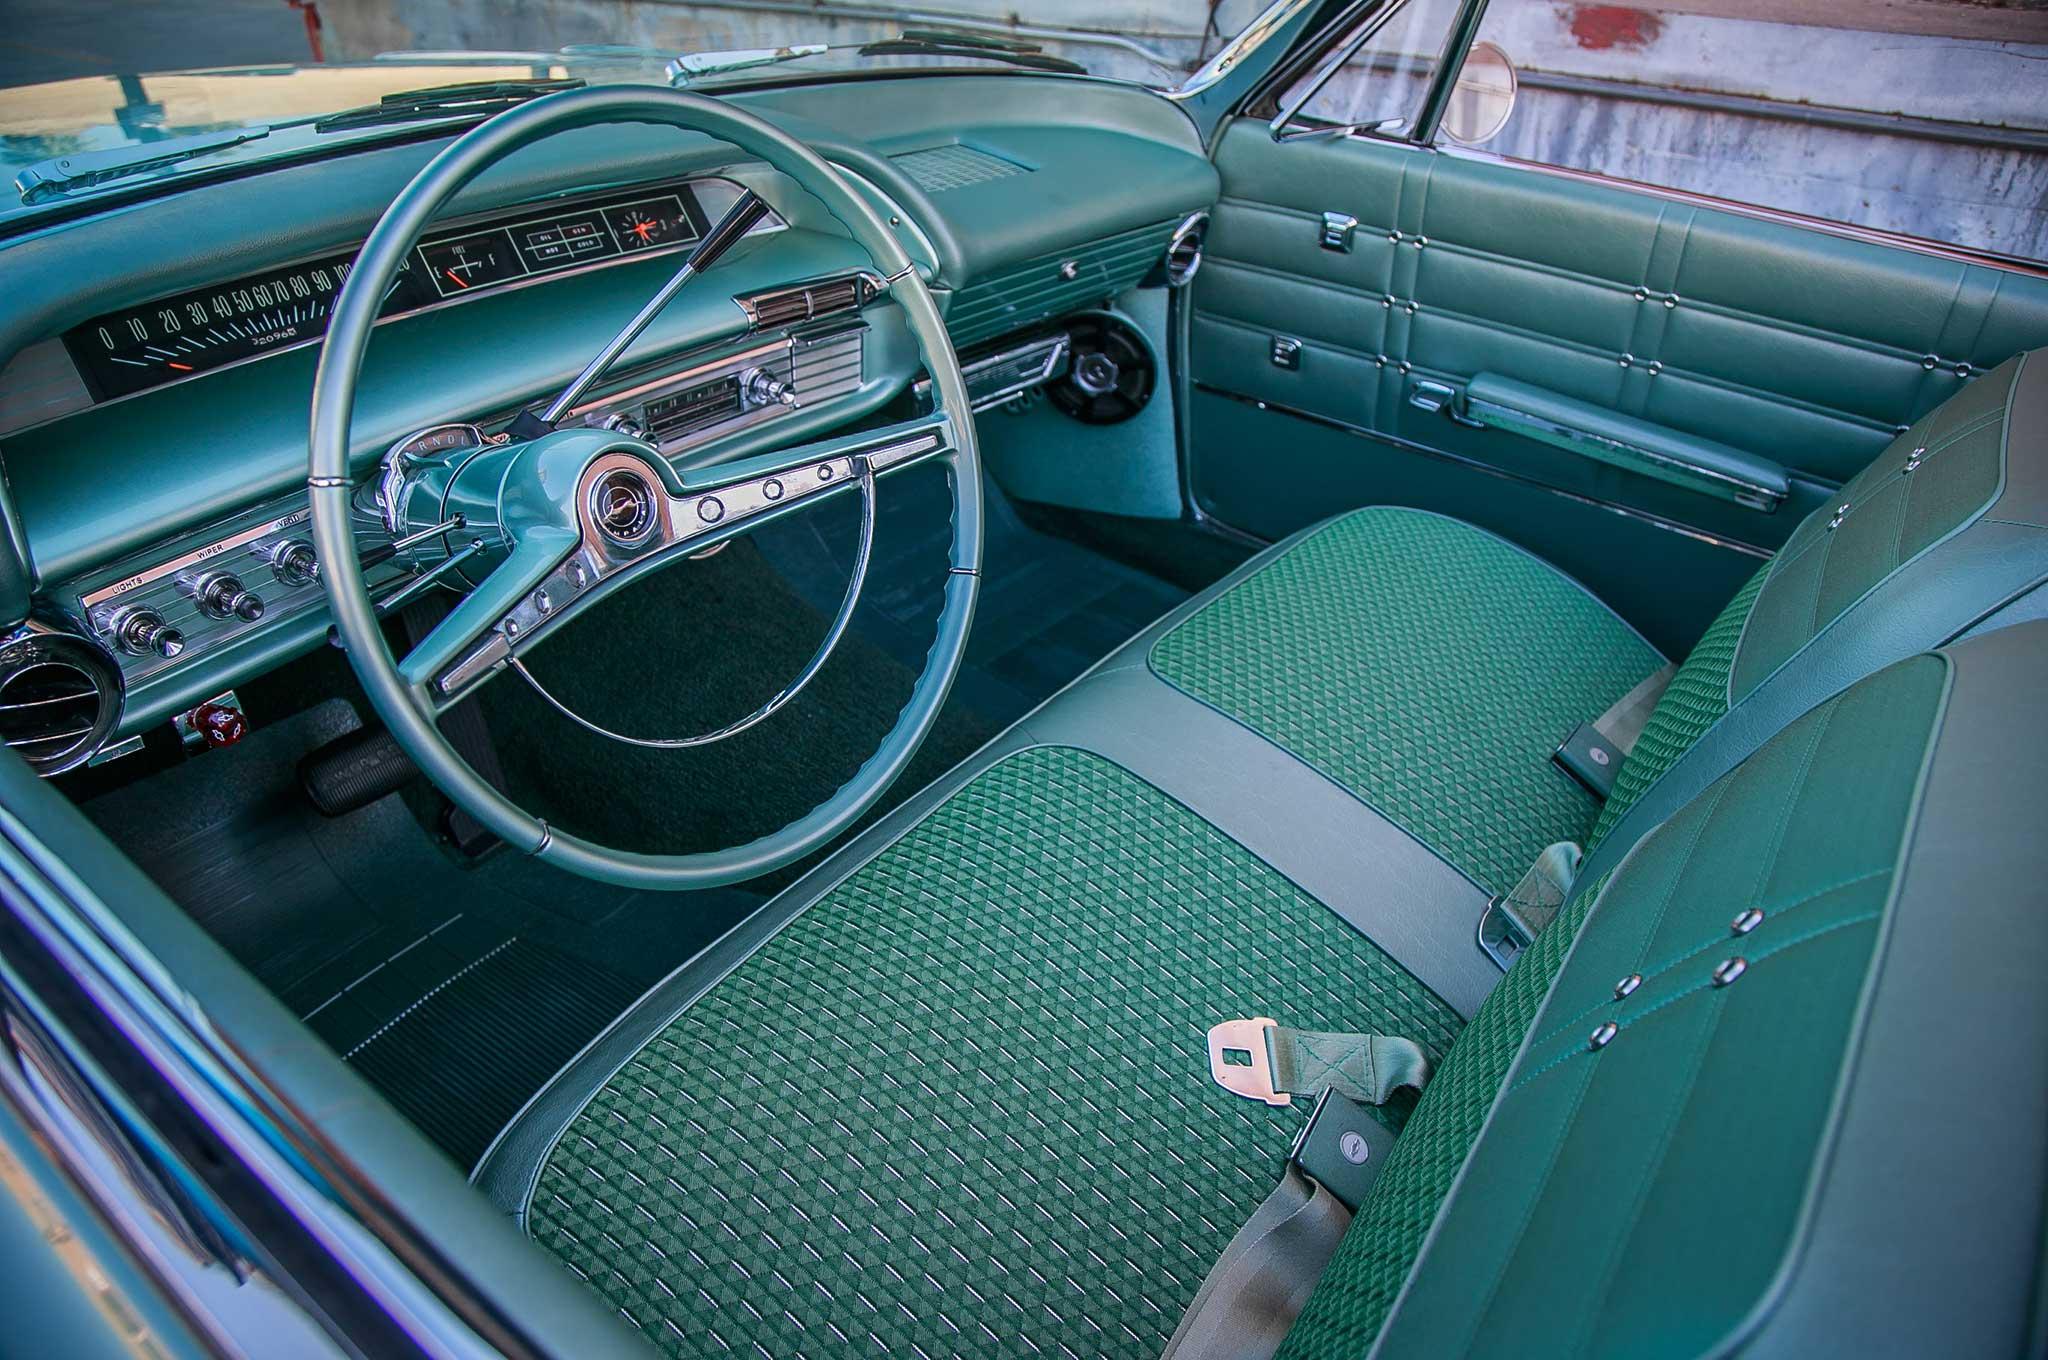 Andres Espana Jr.'s 1963 Chevy Impala 'Vert